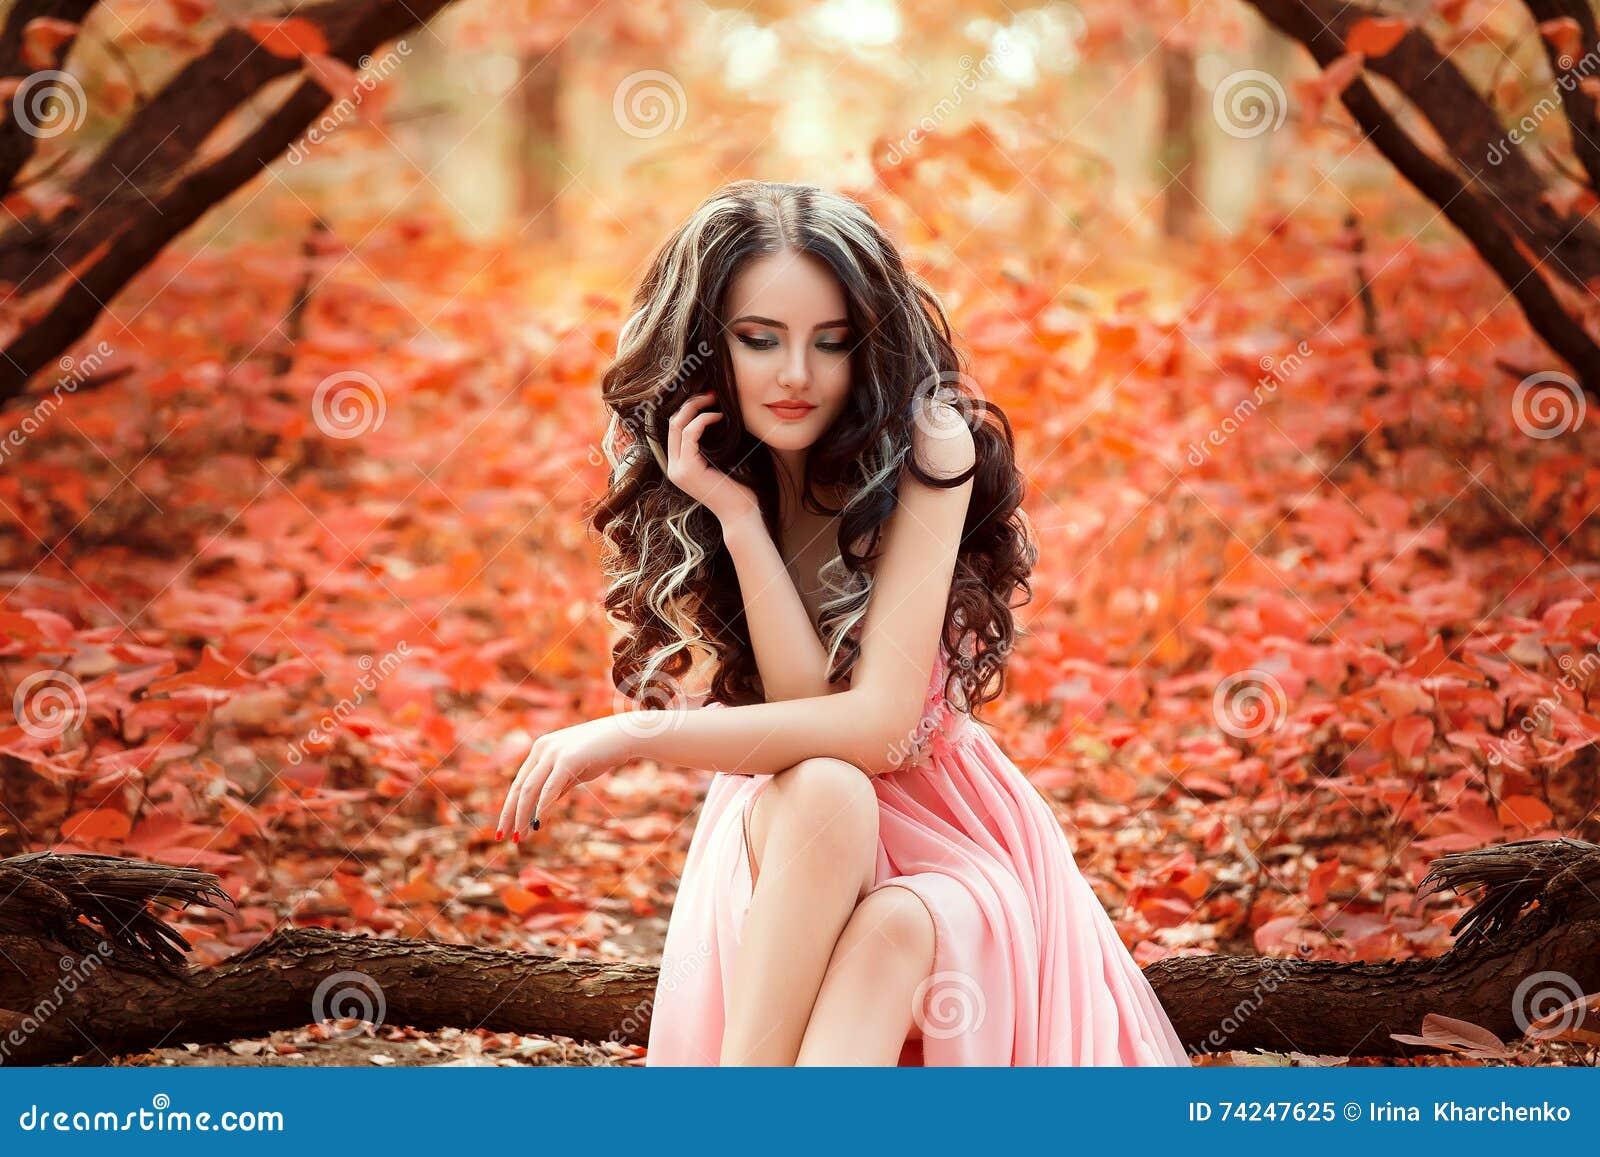 Dam i en lyxig frodig rosa pastellfärgad klänning